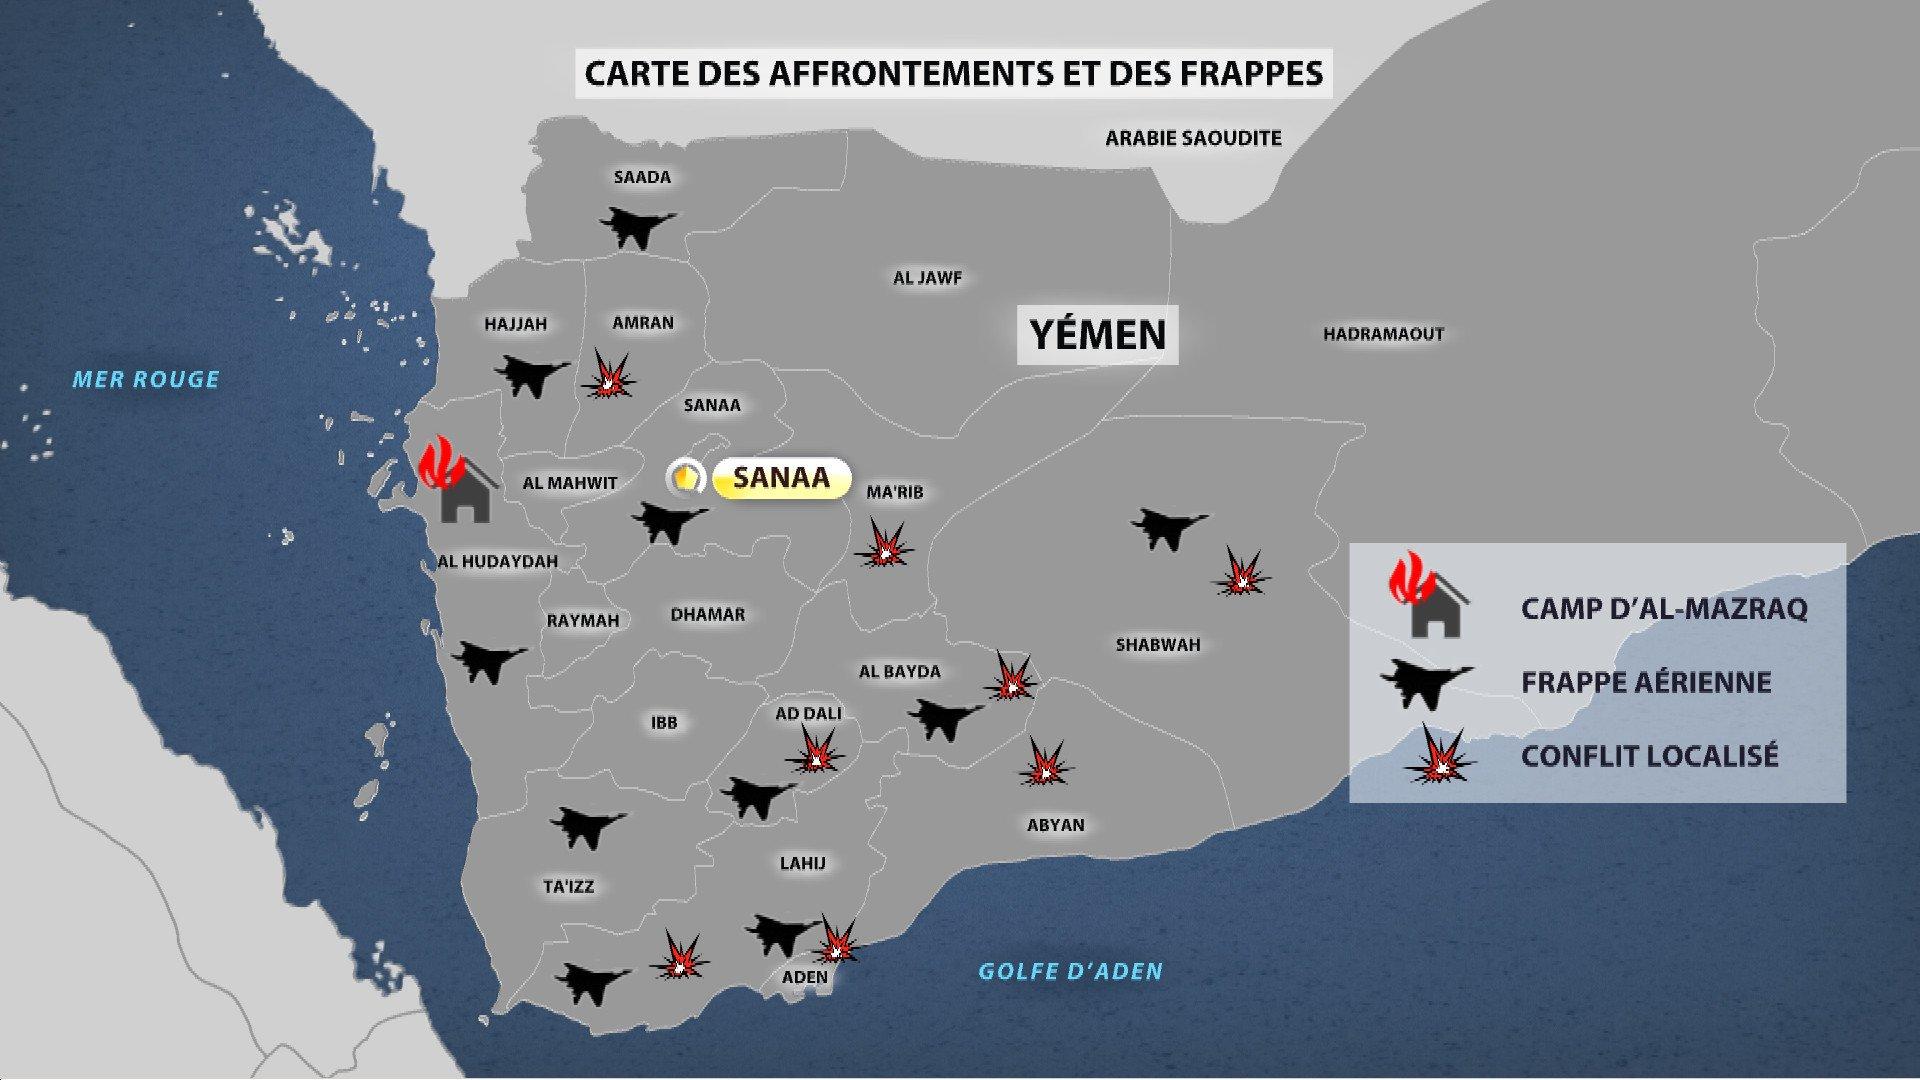 Intervention aérienne au Yémen : l'Iran demande l'ONU d'arrêter le massacre (VIDEO)